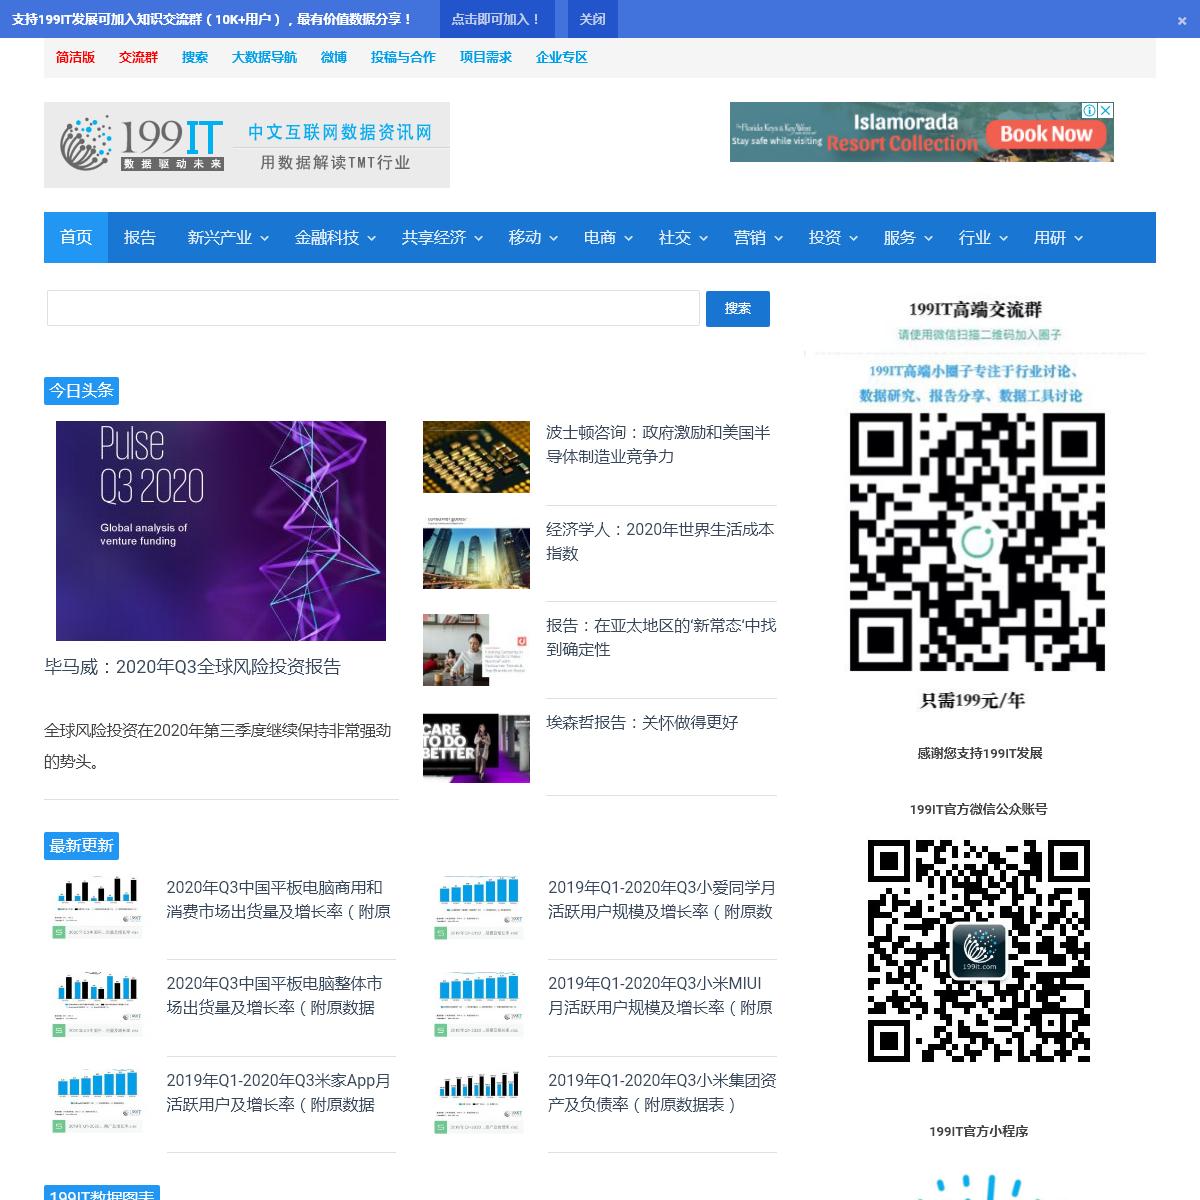 互联网数据资讯网-199IT - 发现数据的价值-199IT - 中文互联网数据研究资讯中心-199IT